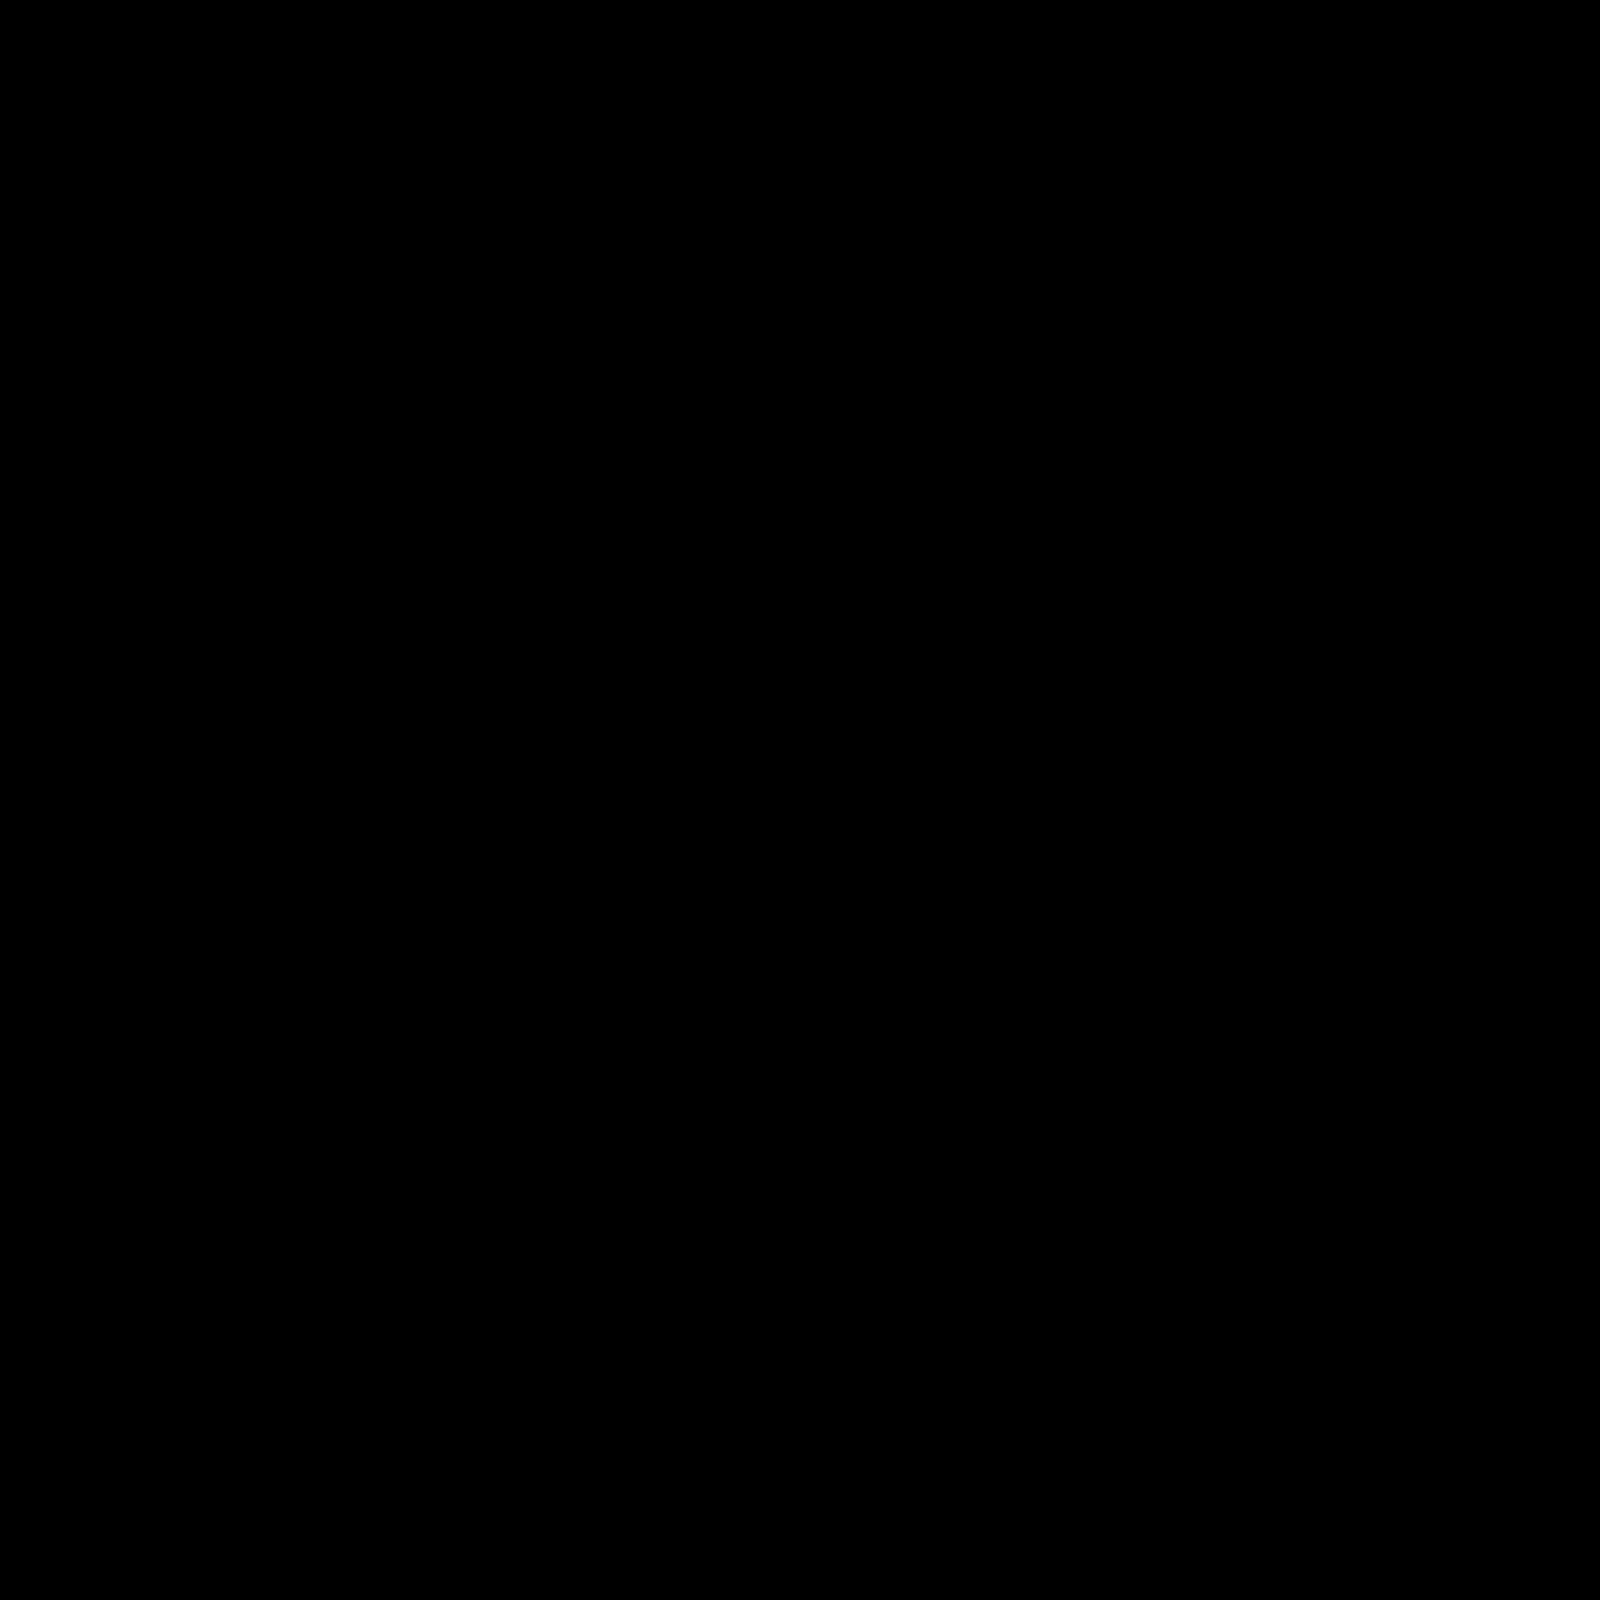 Data Backup icon